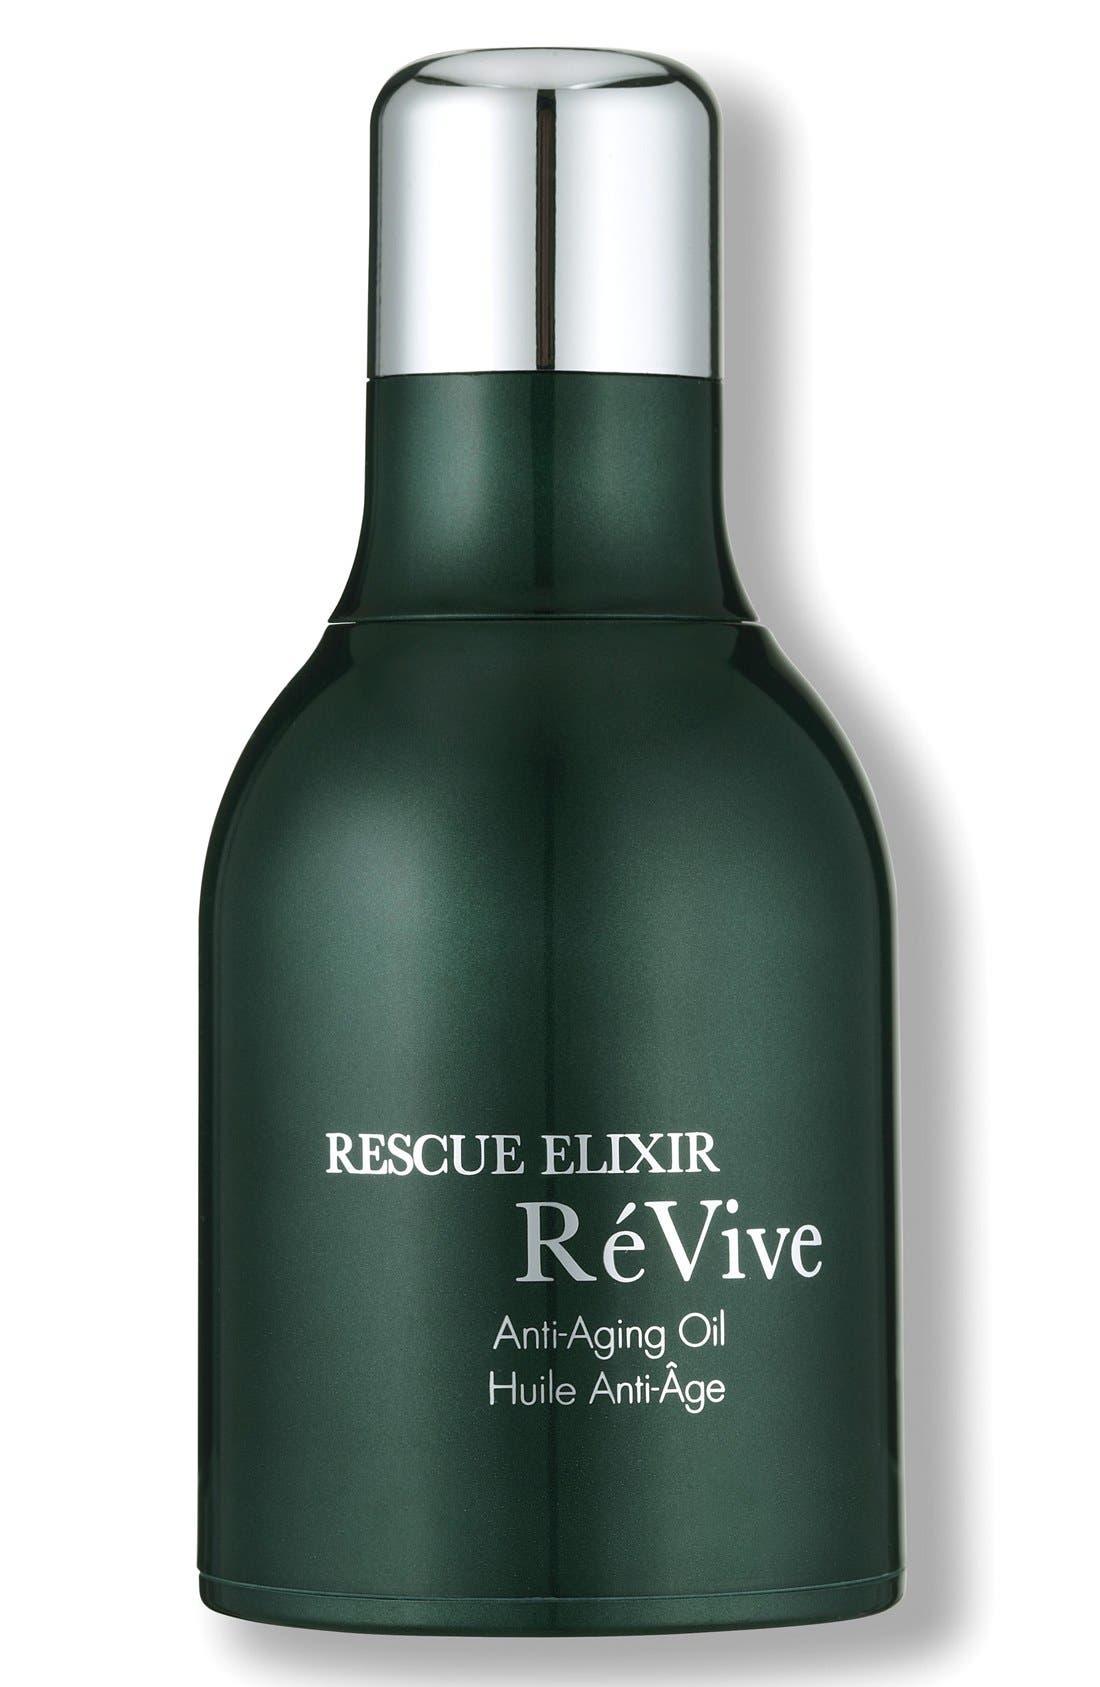 RéVive® Rescue Elixir Anti-Aging Oil